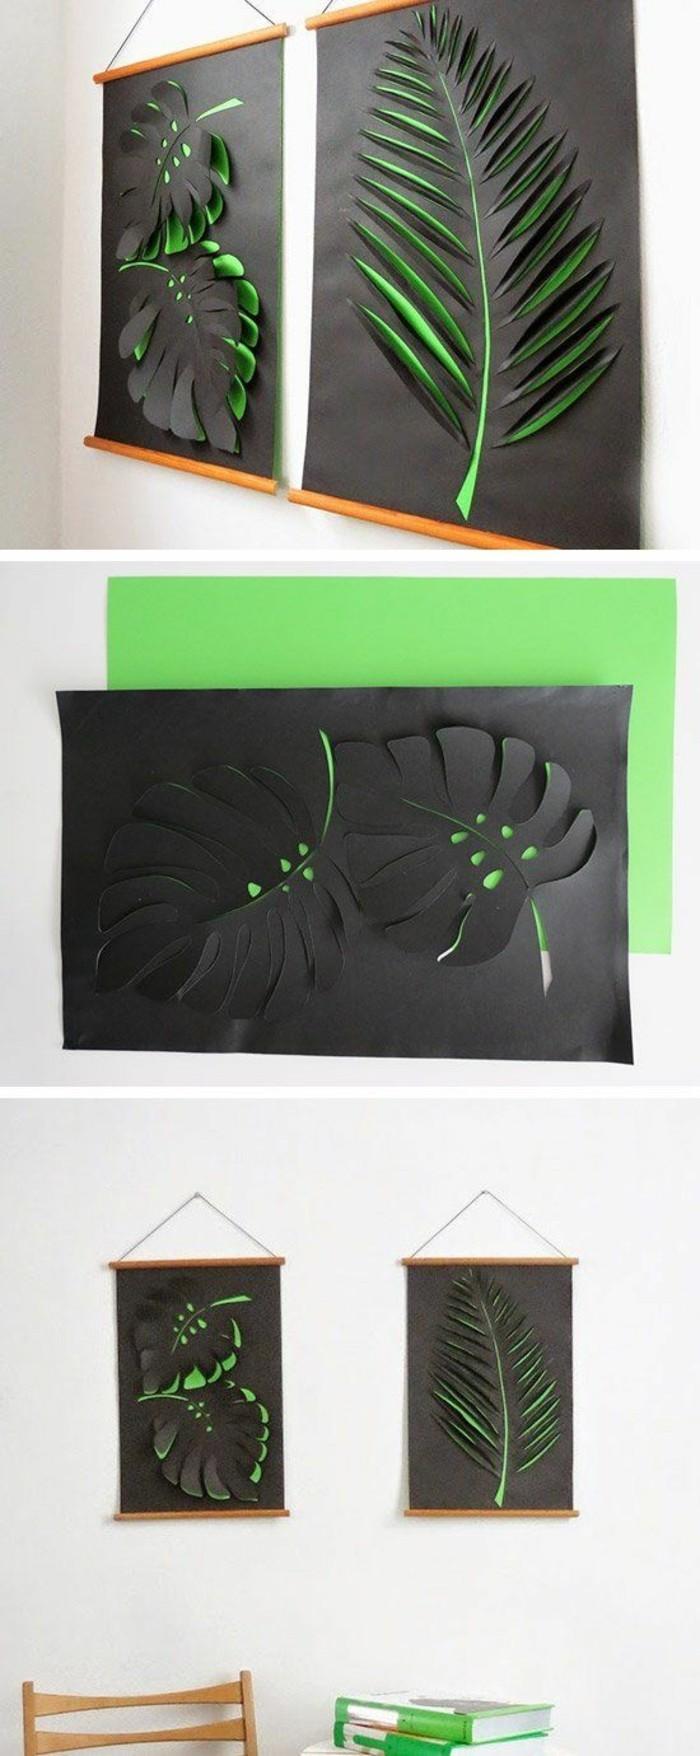 décoration murale 3d, grande feuille tropicale avec papier découpé, déco murale à découper